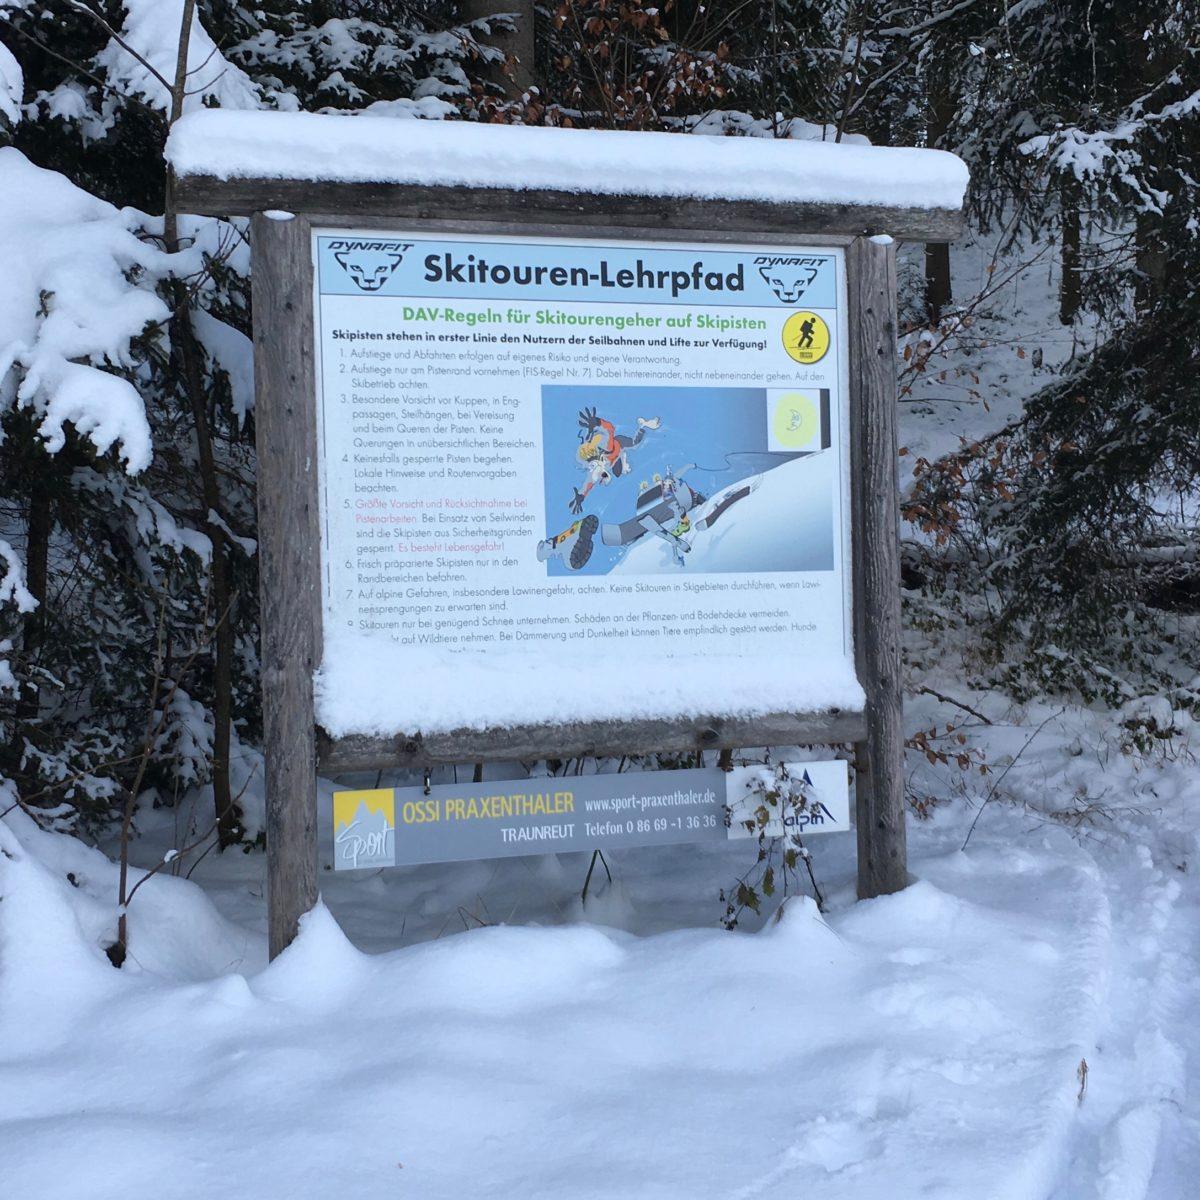 Auf zehn Tafeln wird der Skitouren-Einsteiger an die relevanten Themen wie Gehtechnik, Lawinen, Wetter, etc. herangeführt.